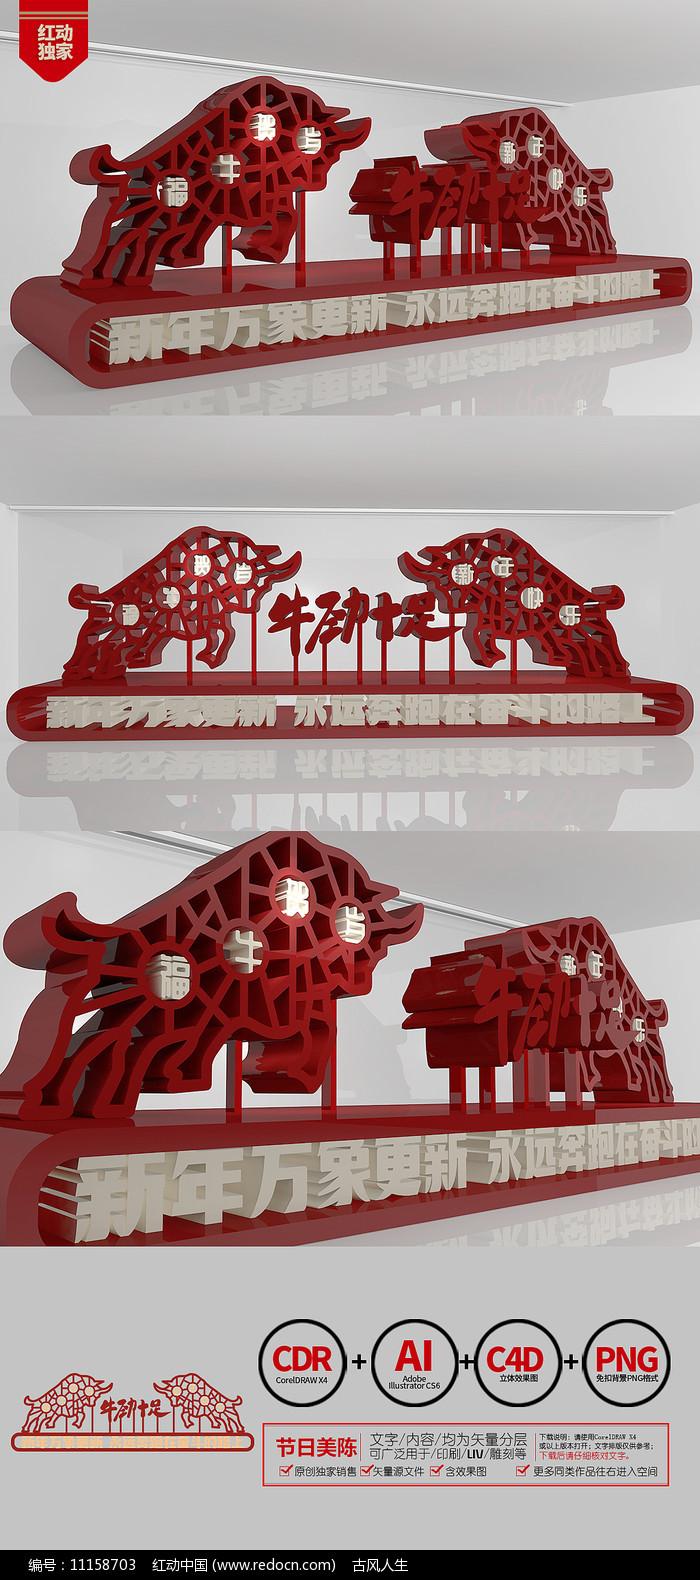 创意牛年美陈春节商场氛围布置设计图片